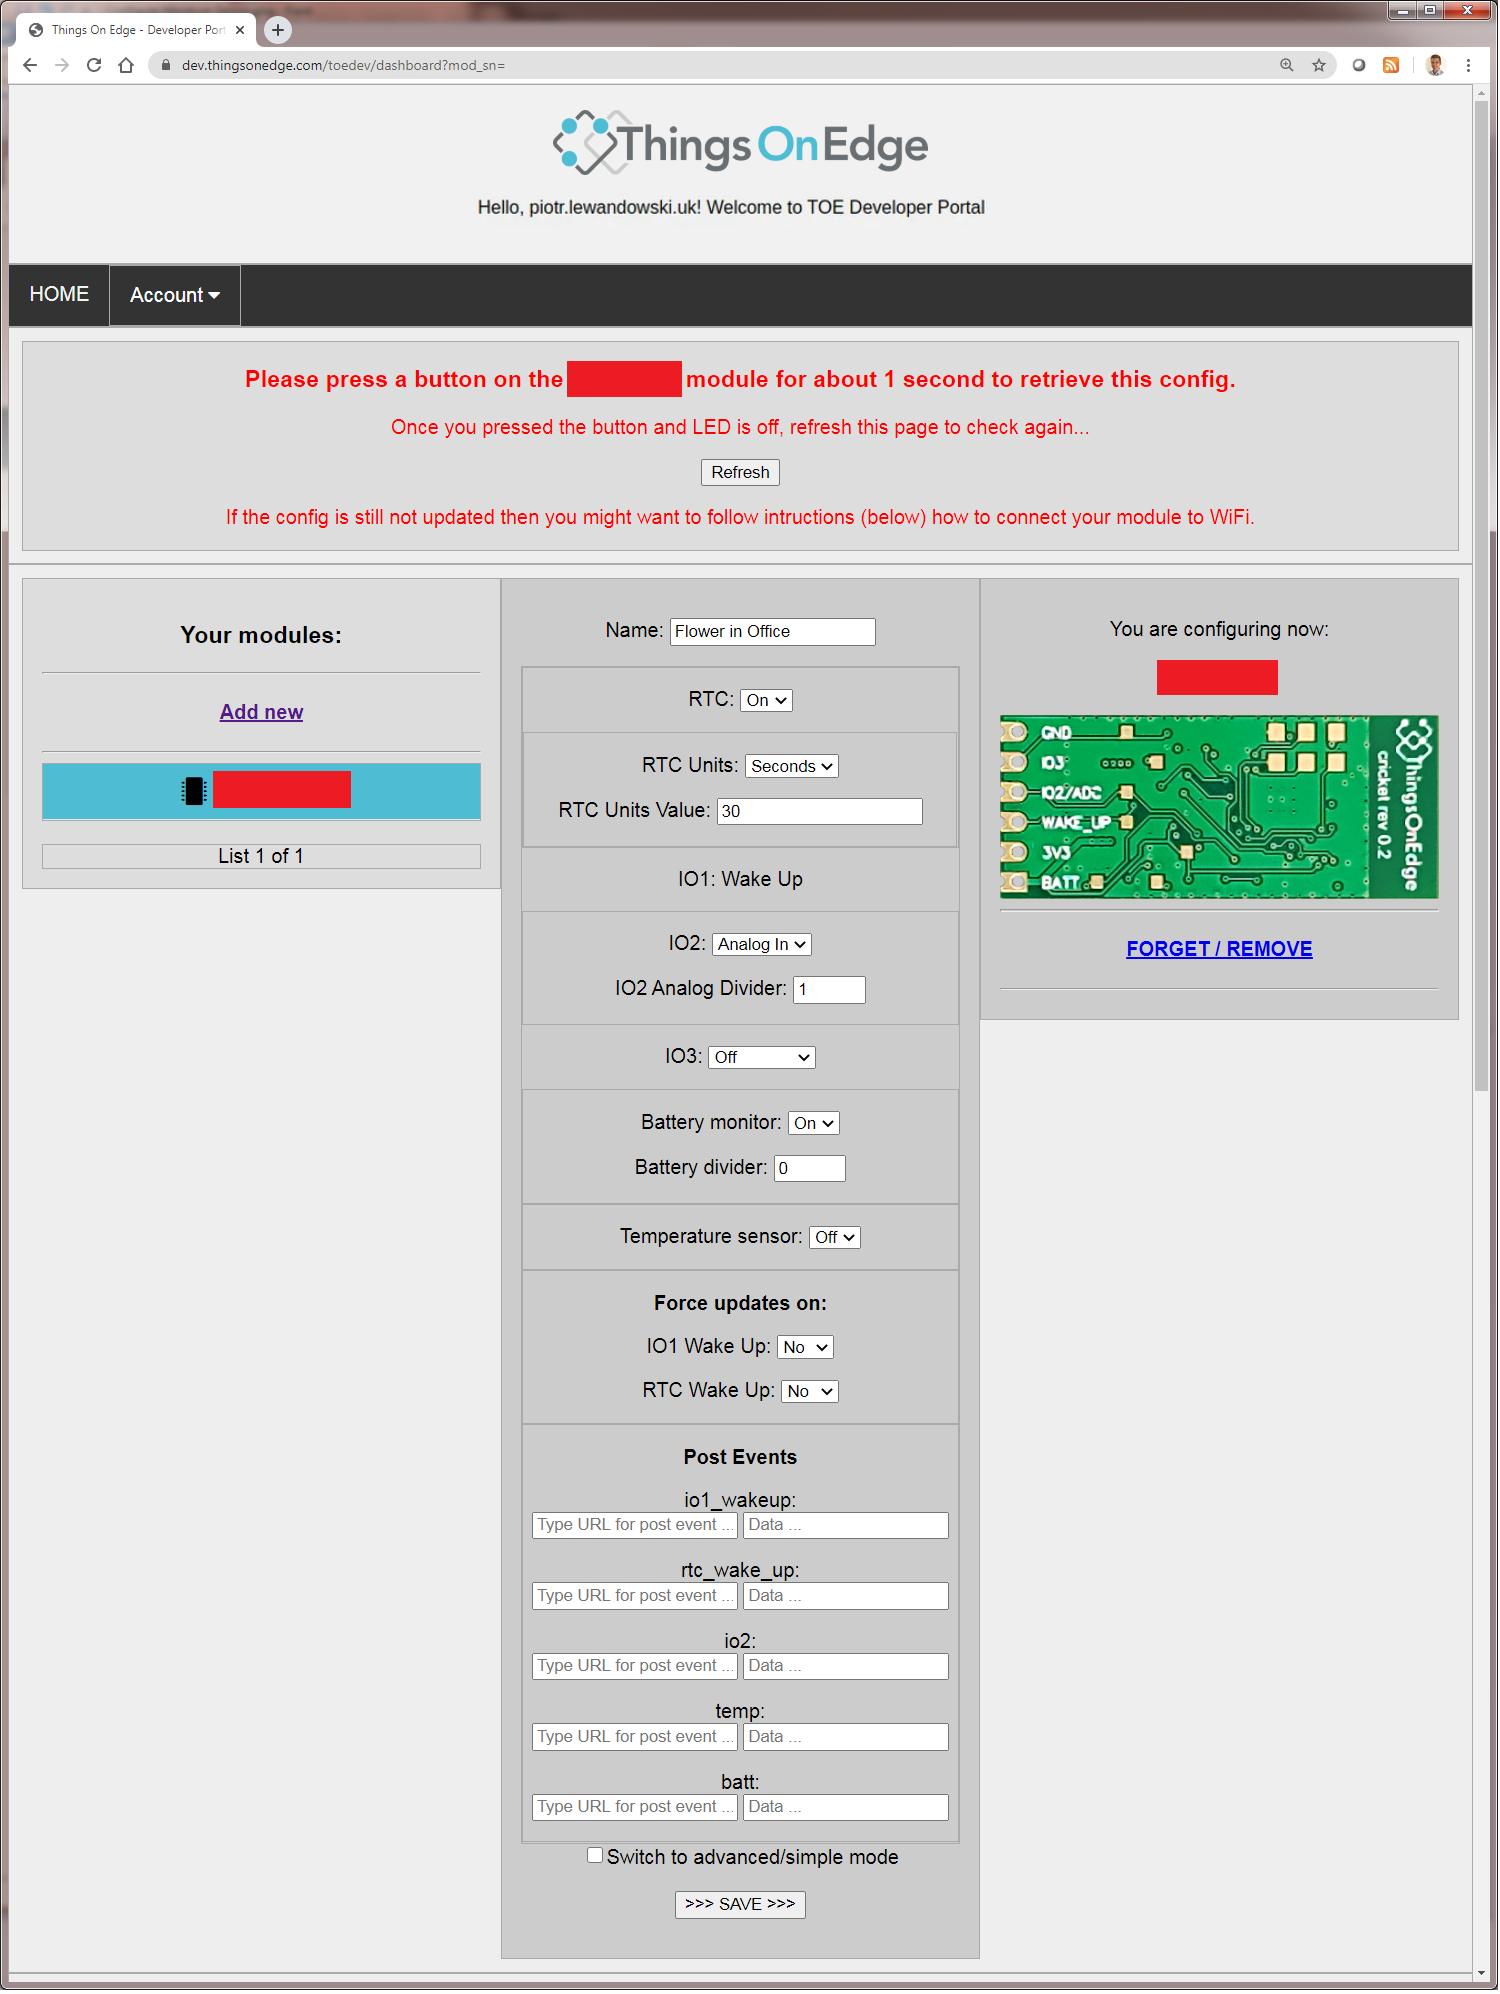 Configure-Moisture-Sensor-PressButton.png